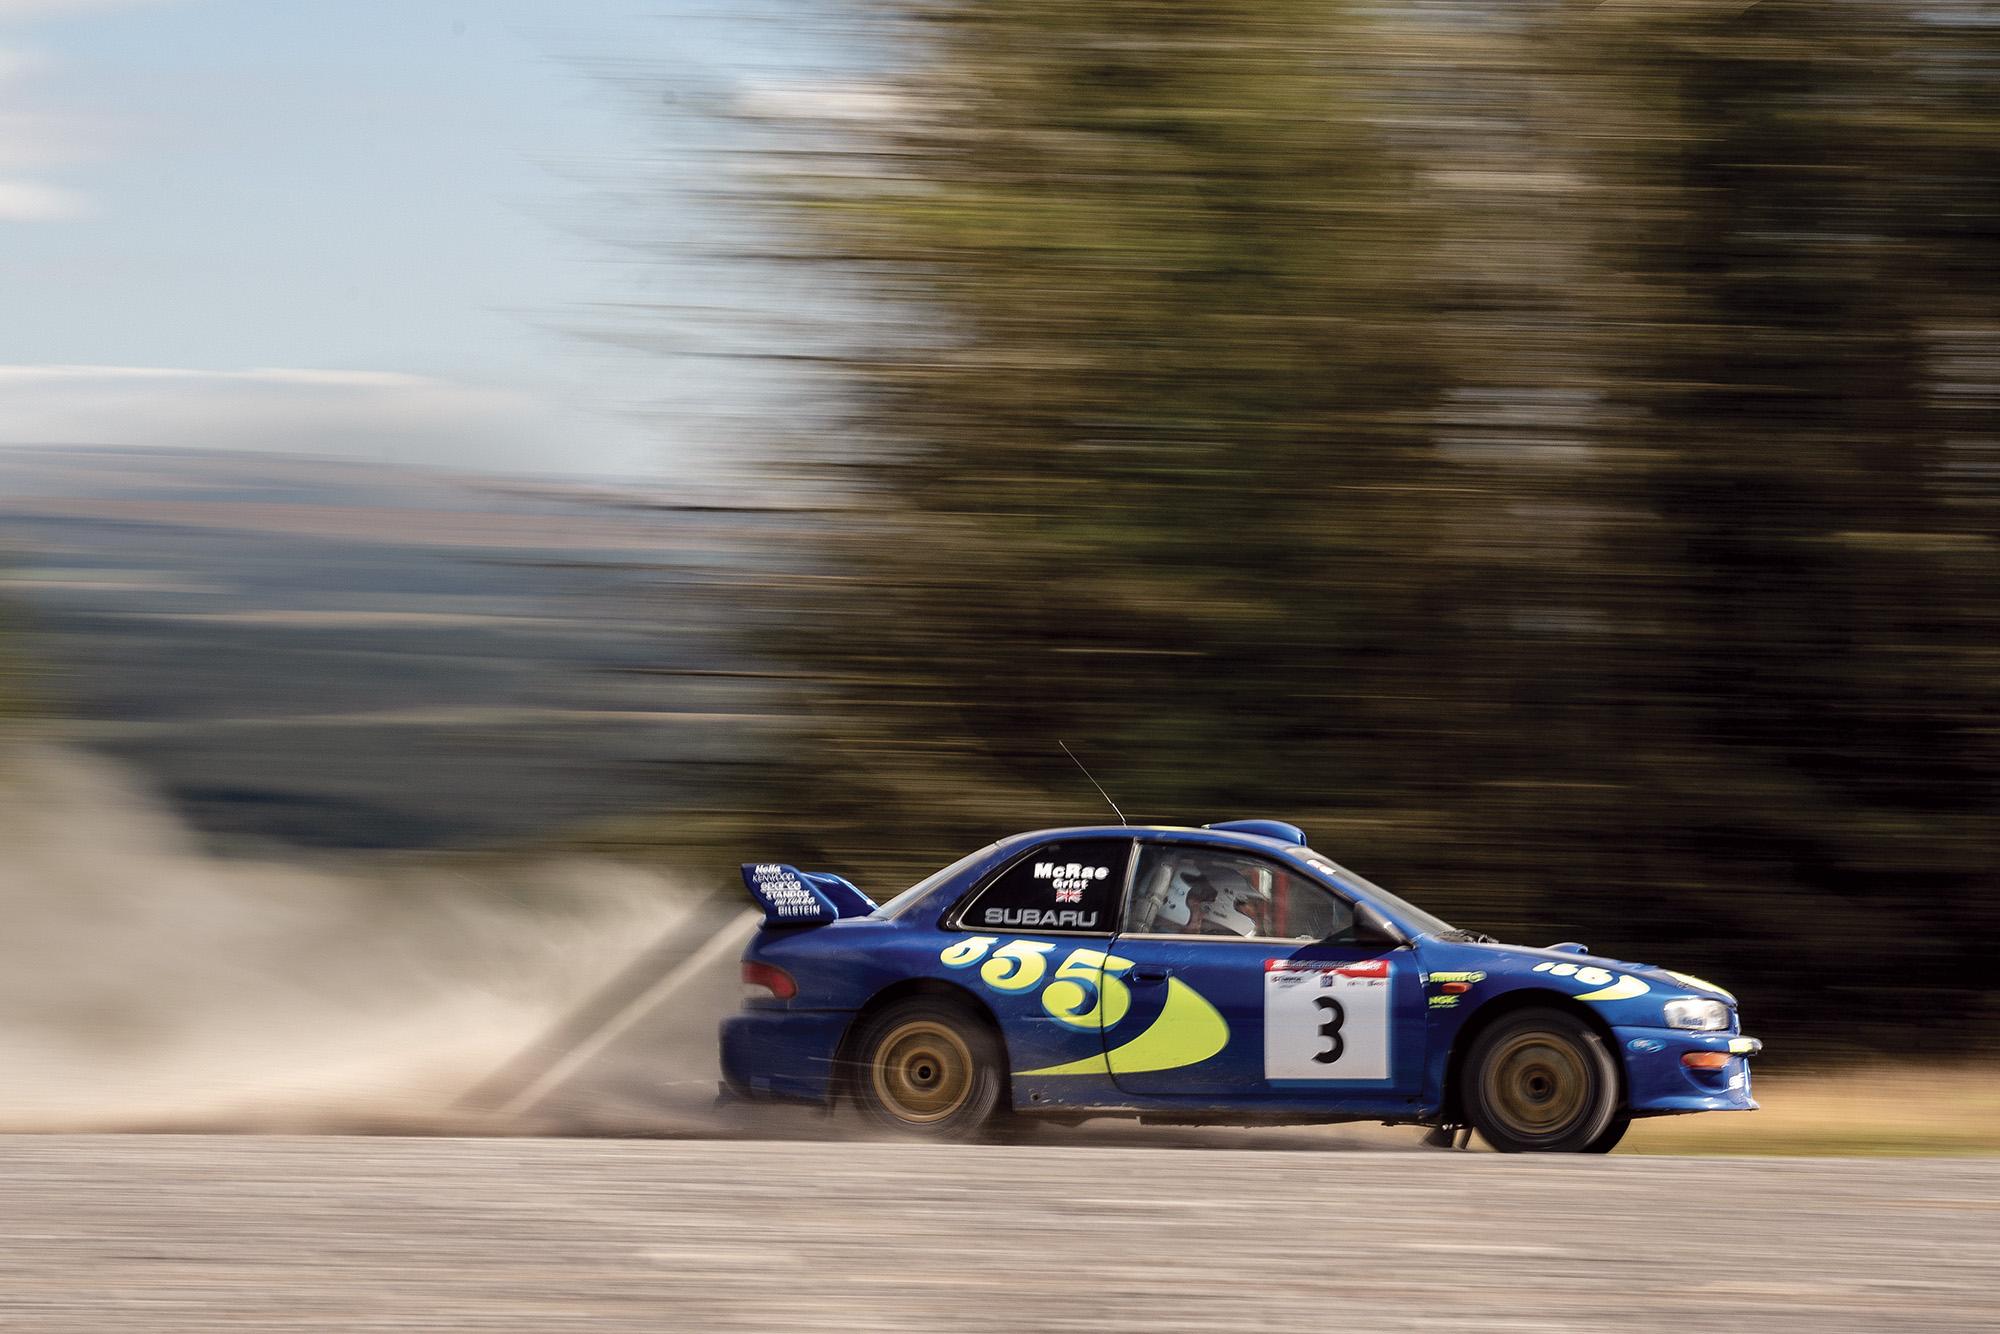 Colin McRae Subaru side